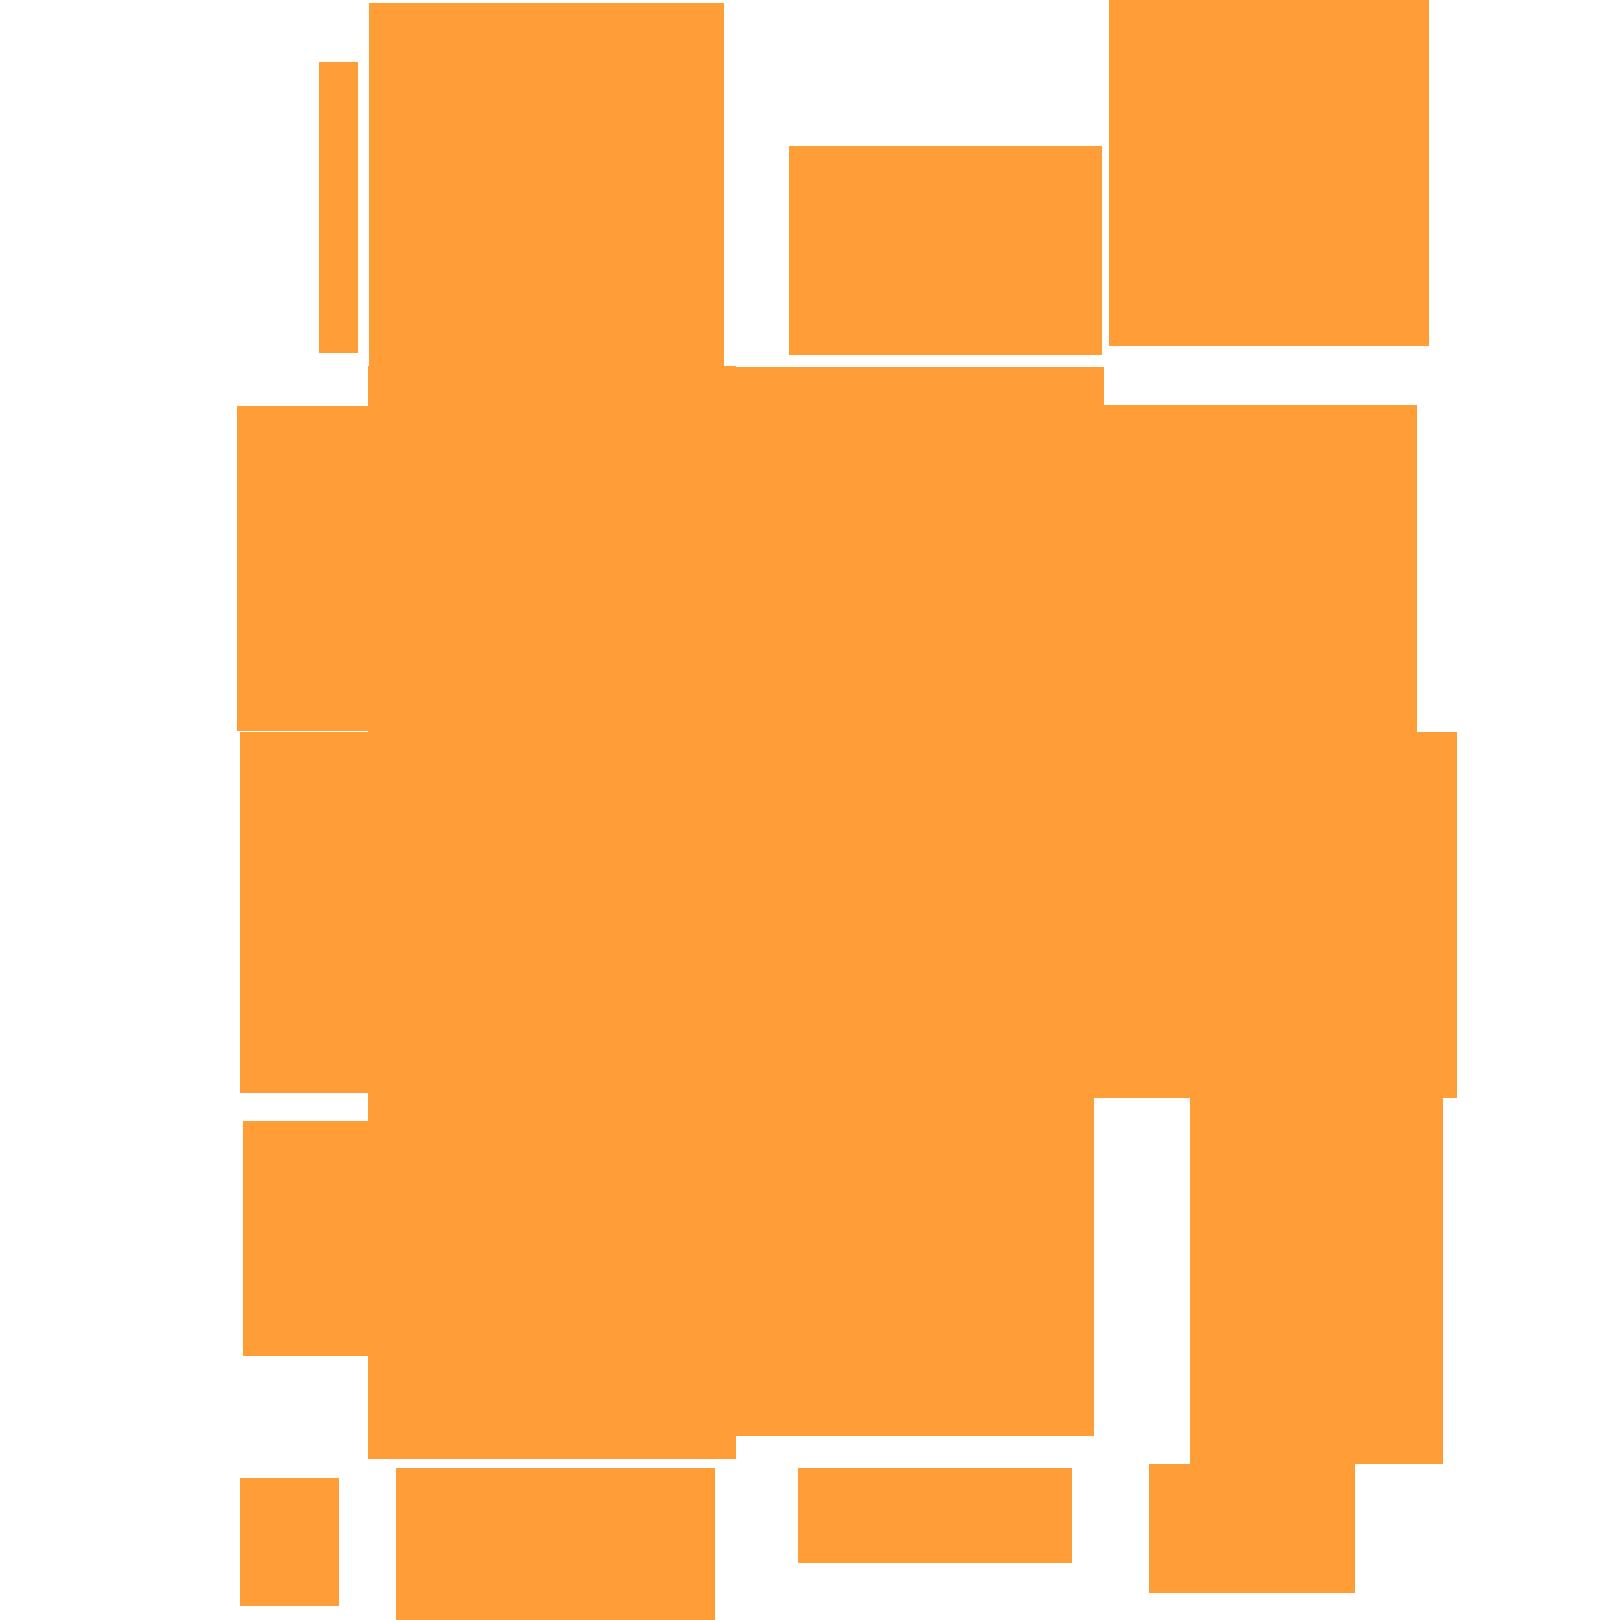 Orange splat png image #38305.